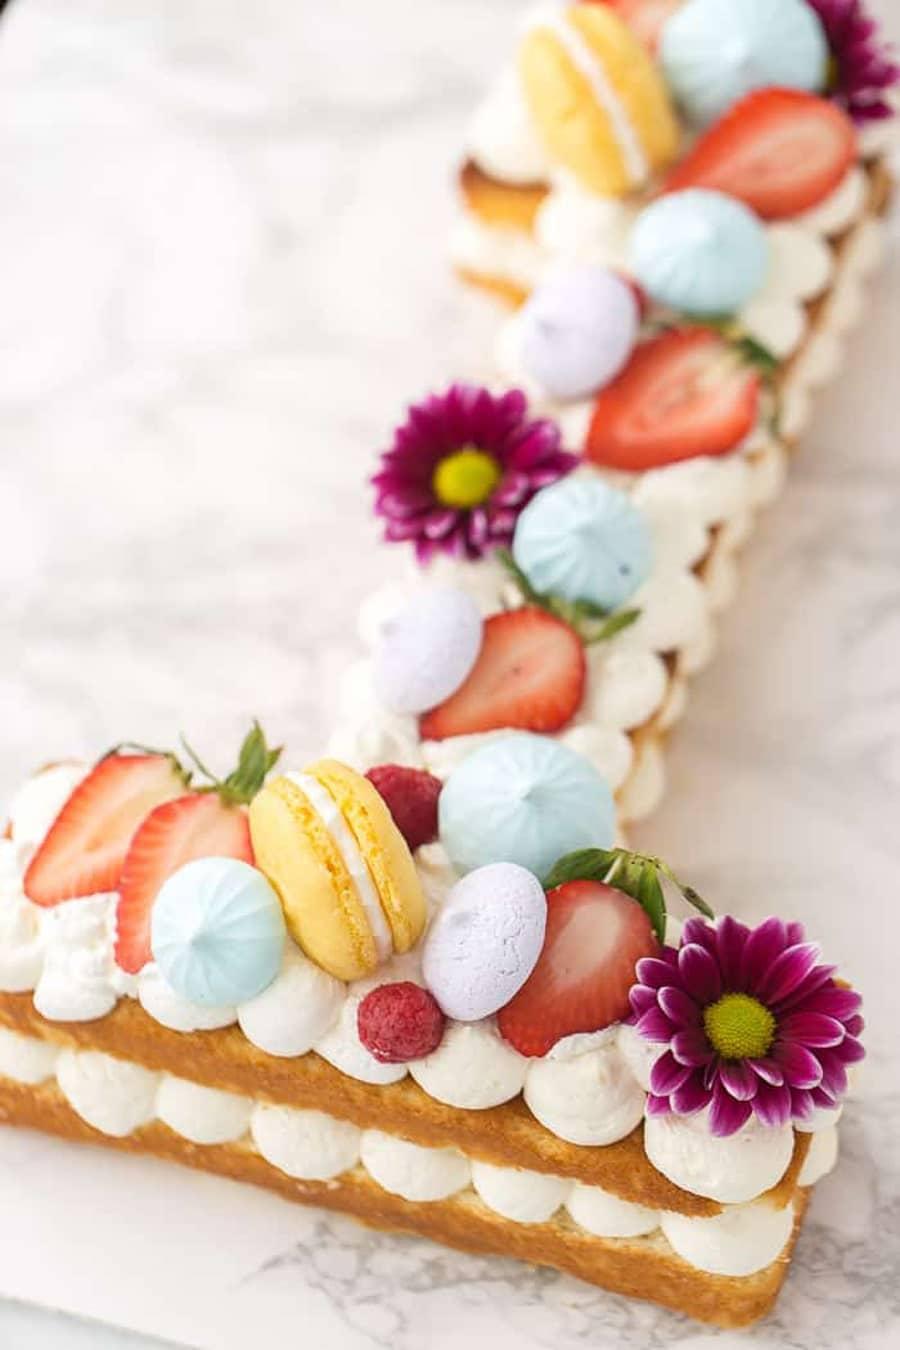 طرز تهیه کیک شماره ای یا عددی